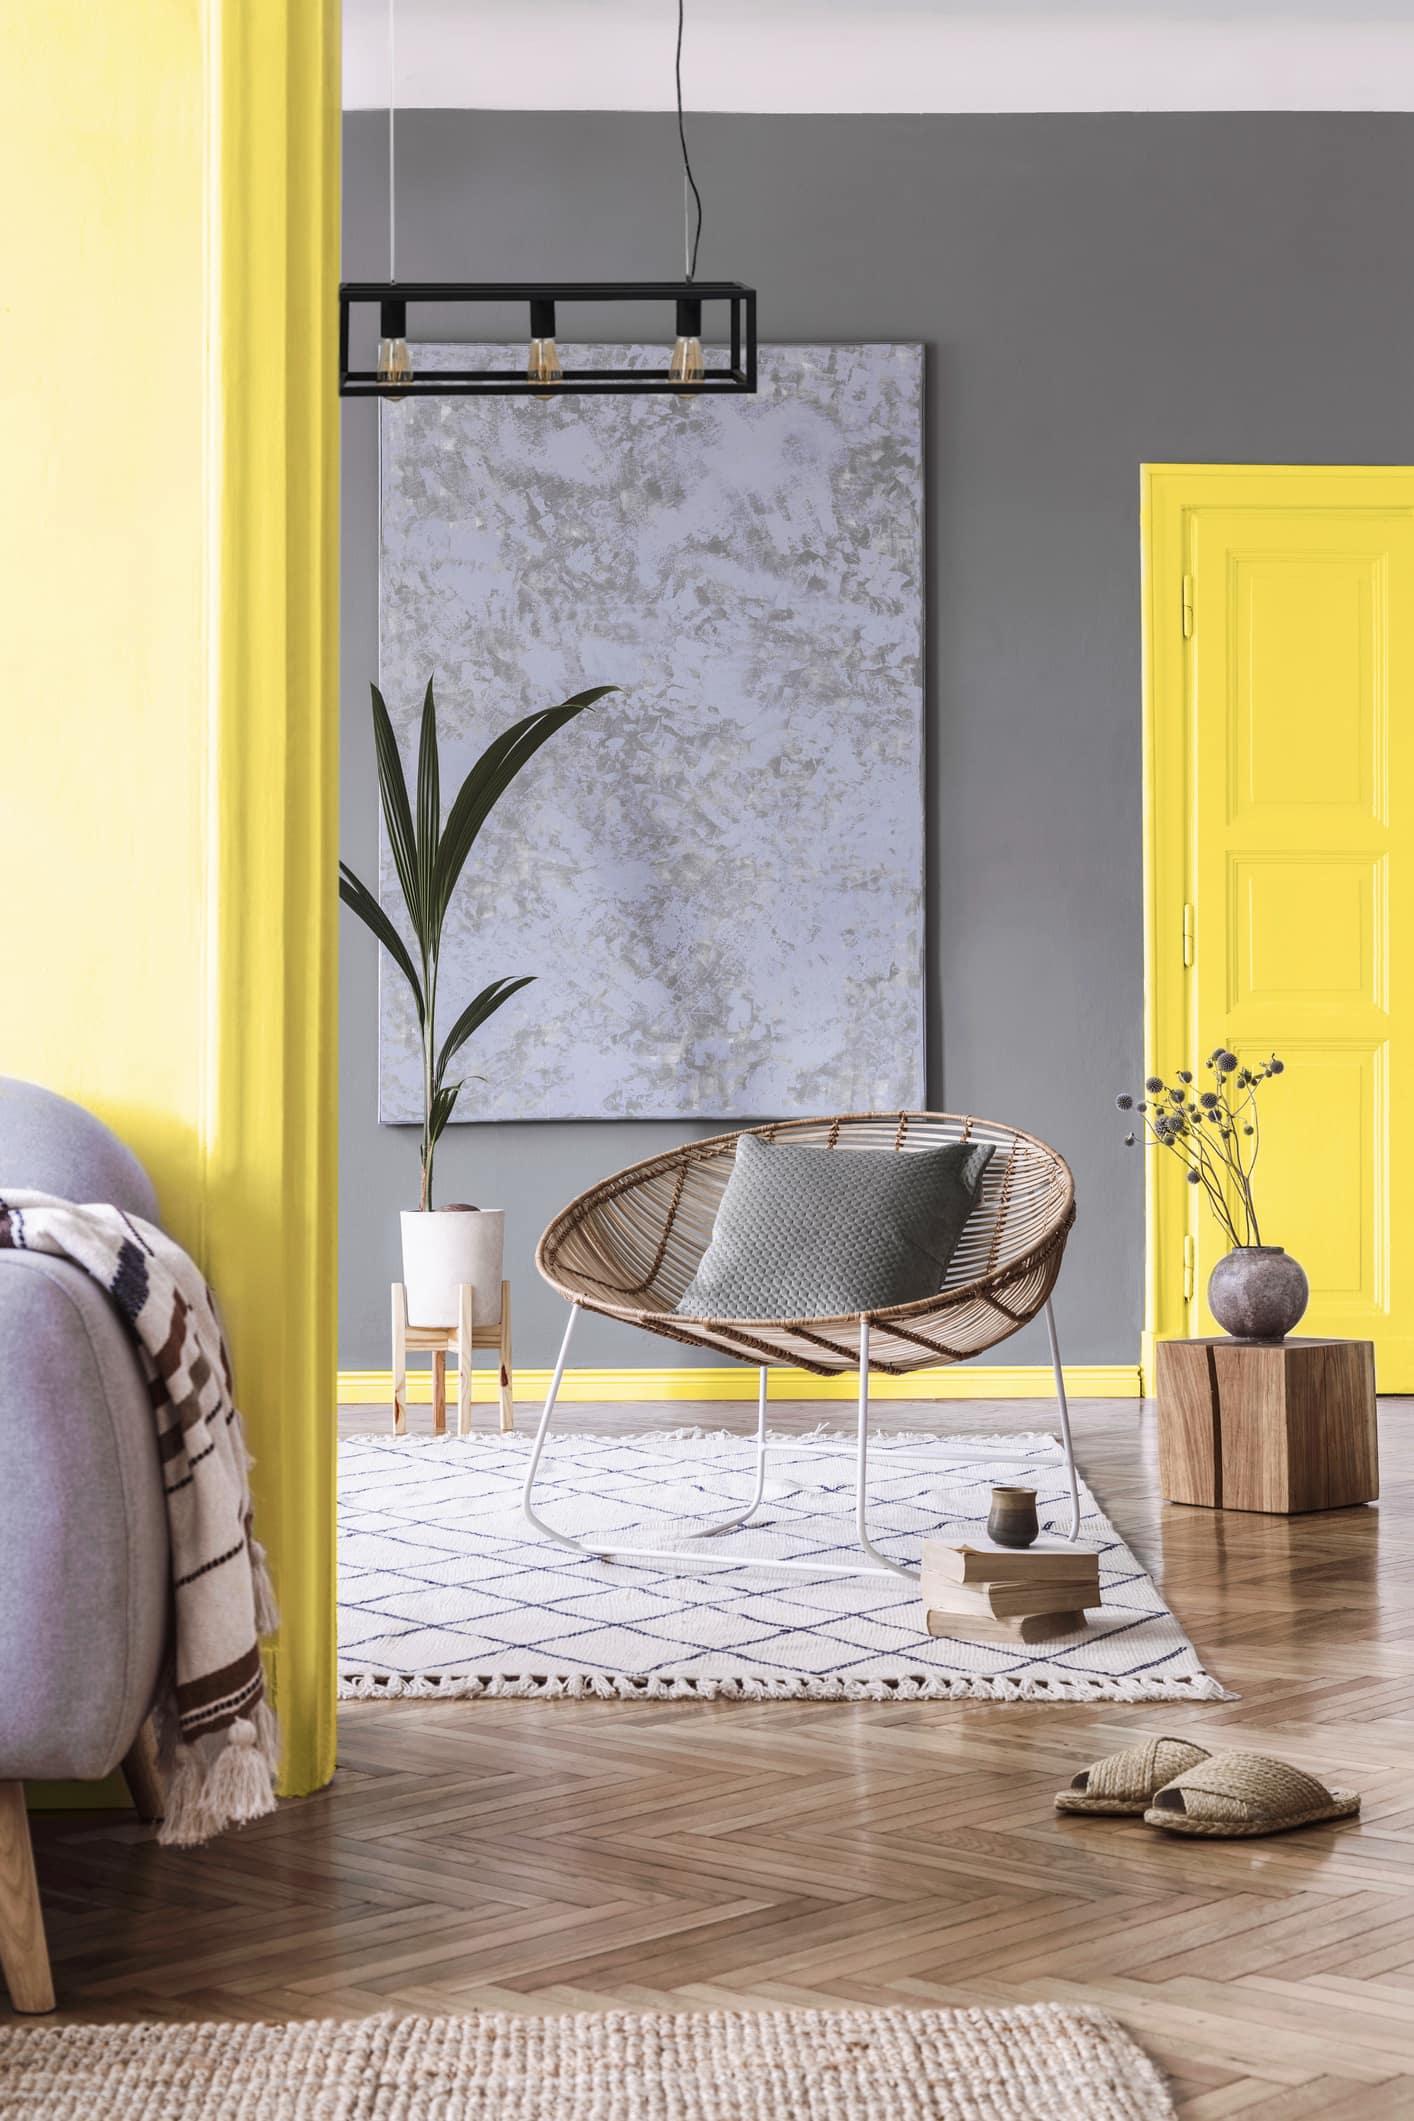 lagana oprema, sivi zidovi, žuta vrata i spavaća soba, tepih u berberskom stilu sa stolicom od ratana